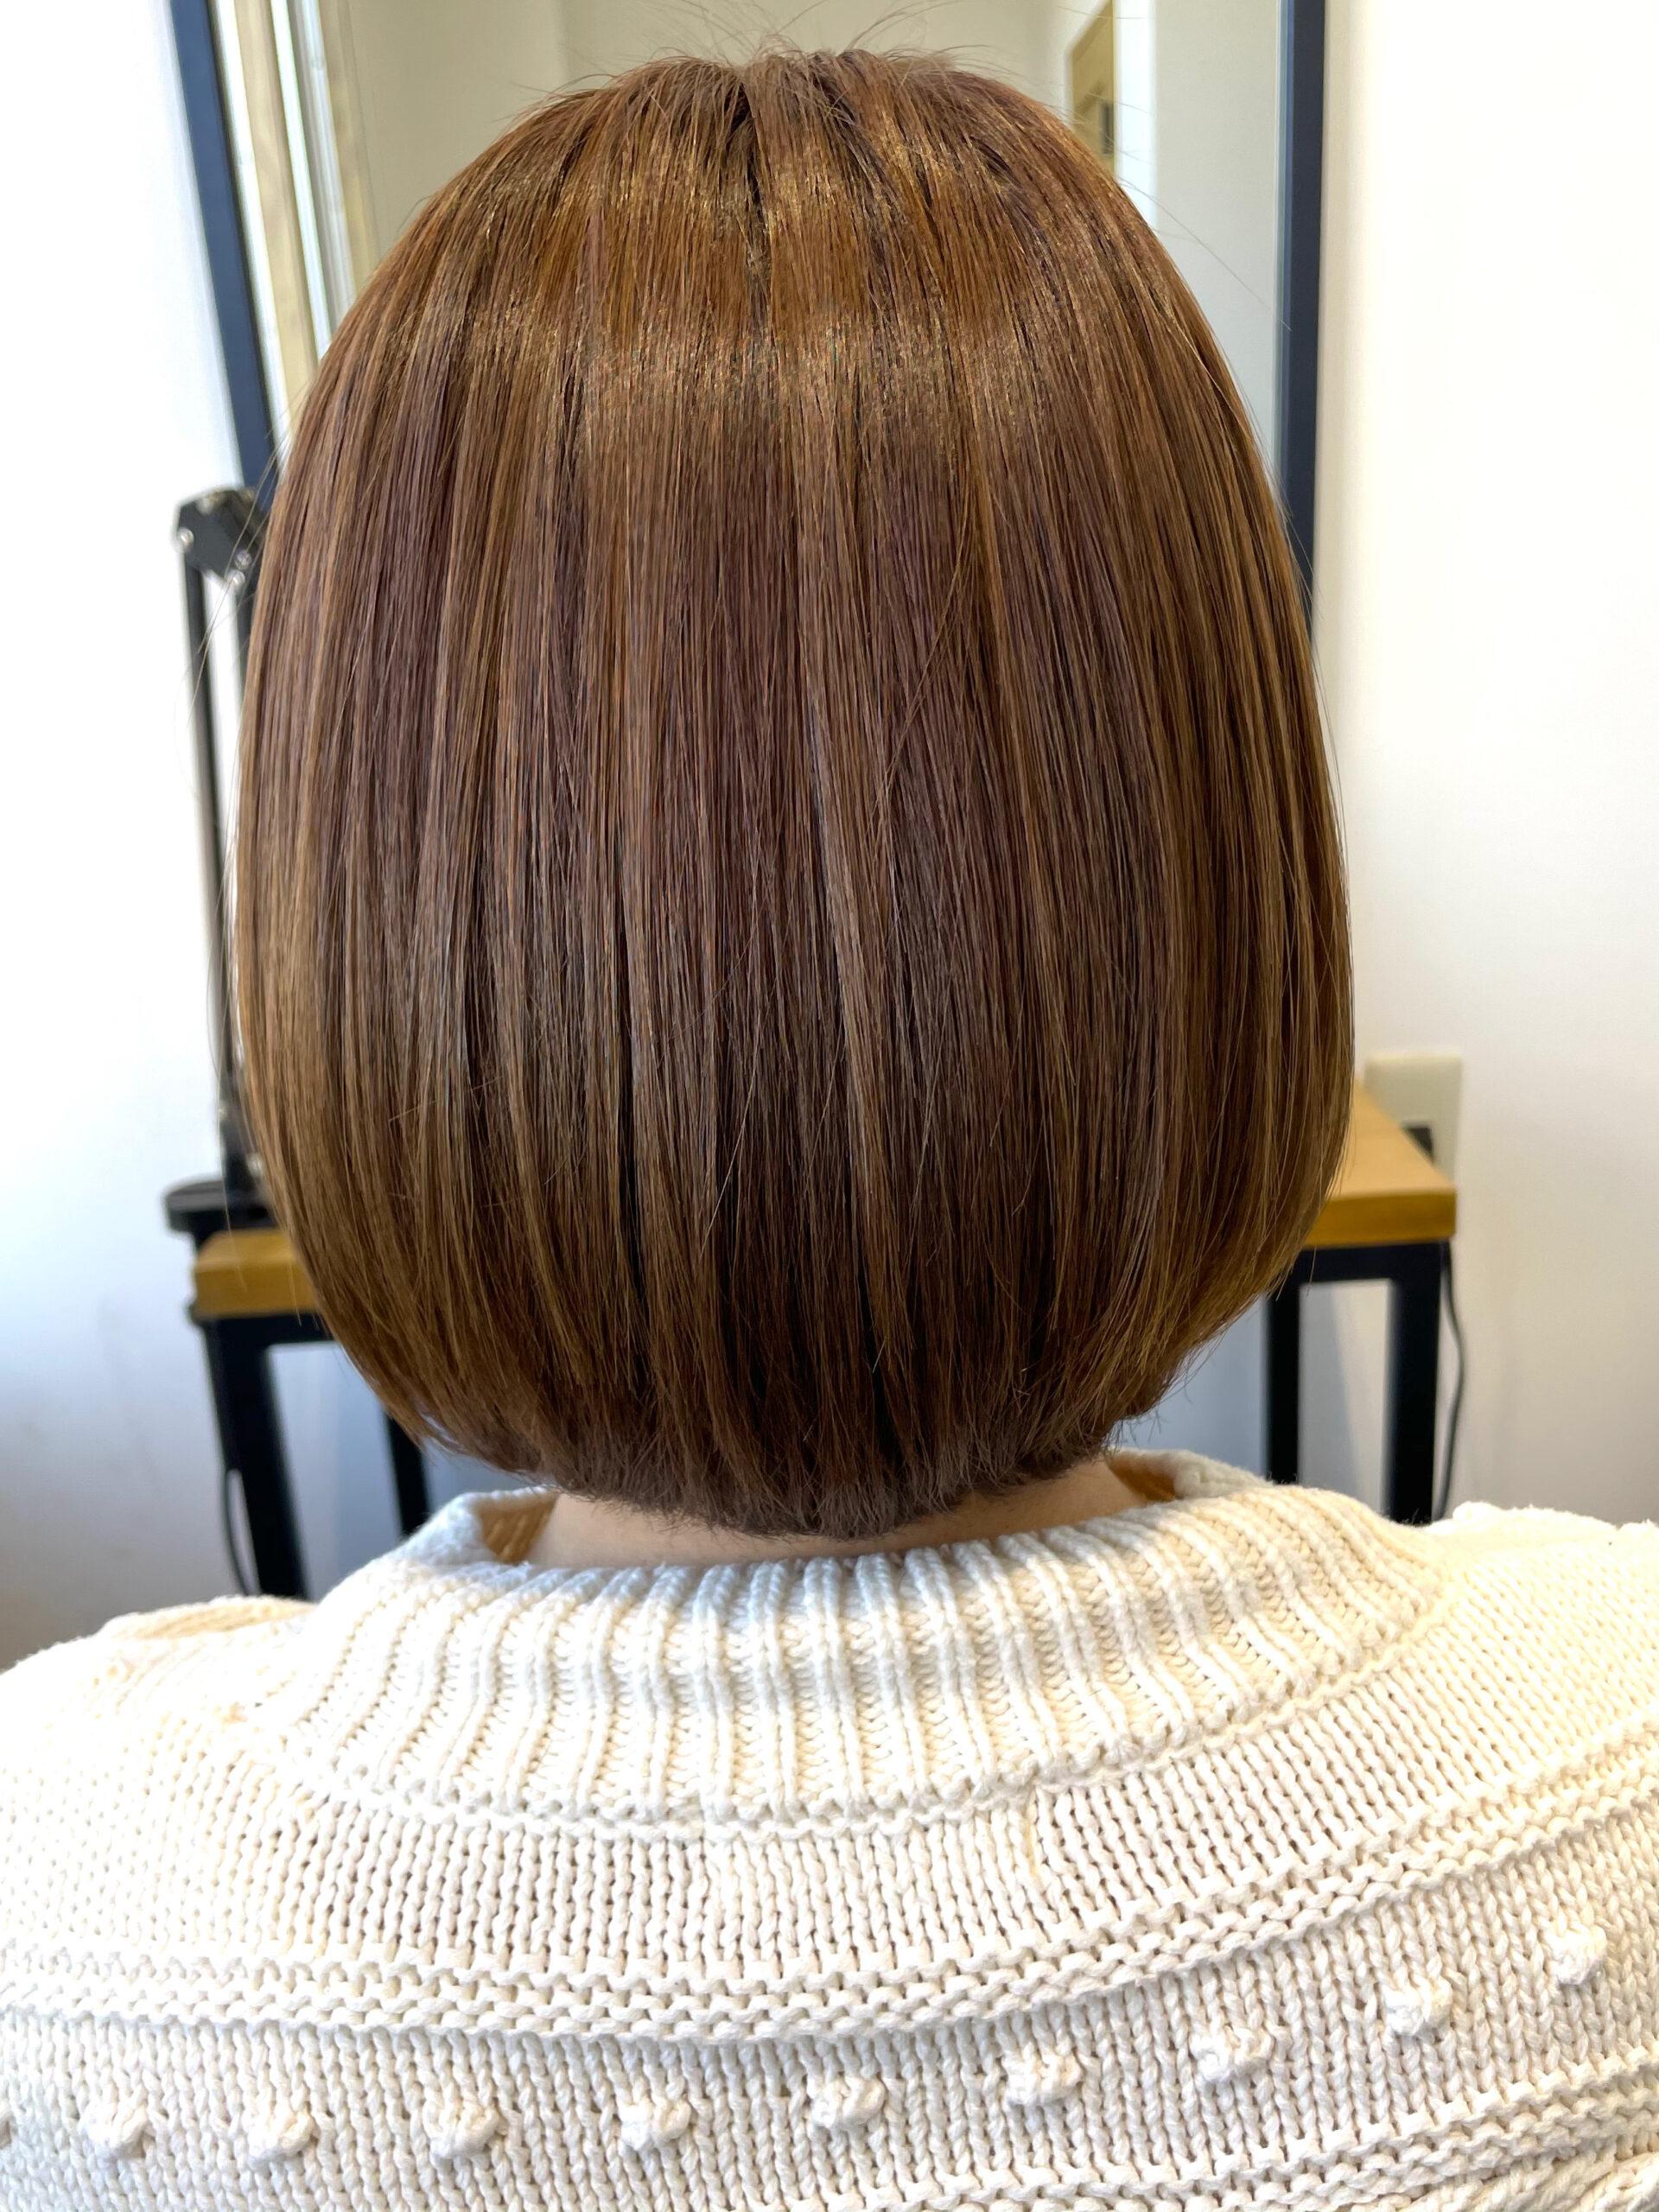 大分県別府市 ツヤツヤになる髪質改善のトリートメントメニューをお試し中 アフター